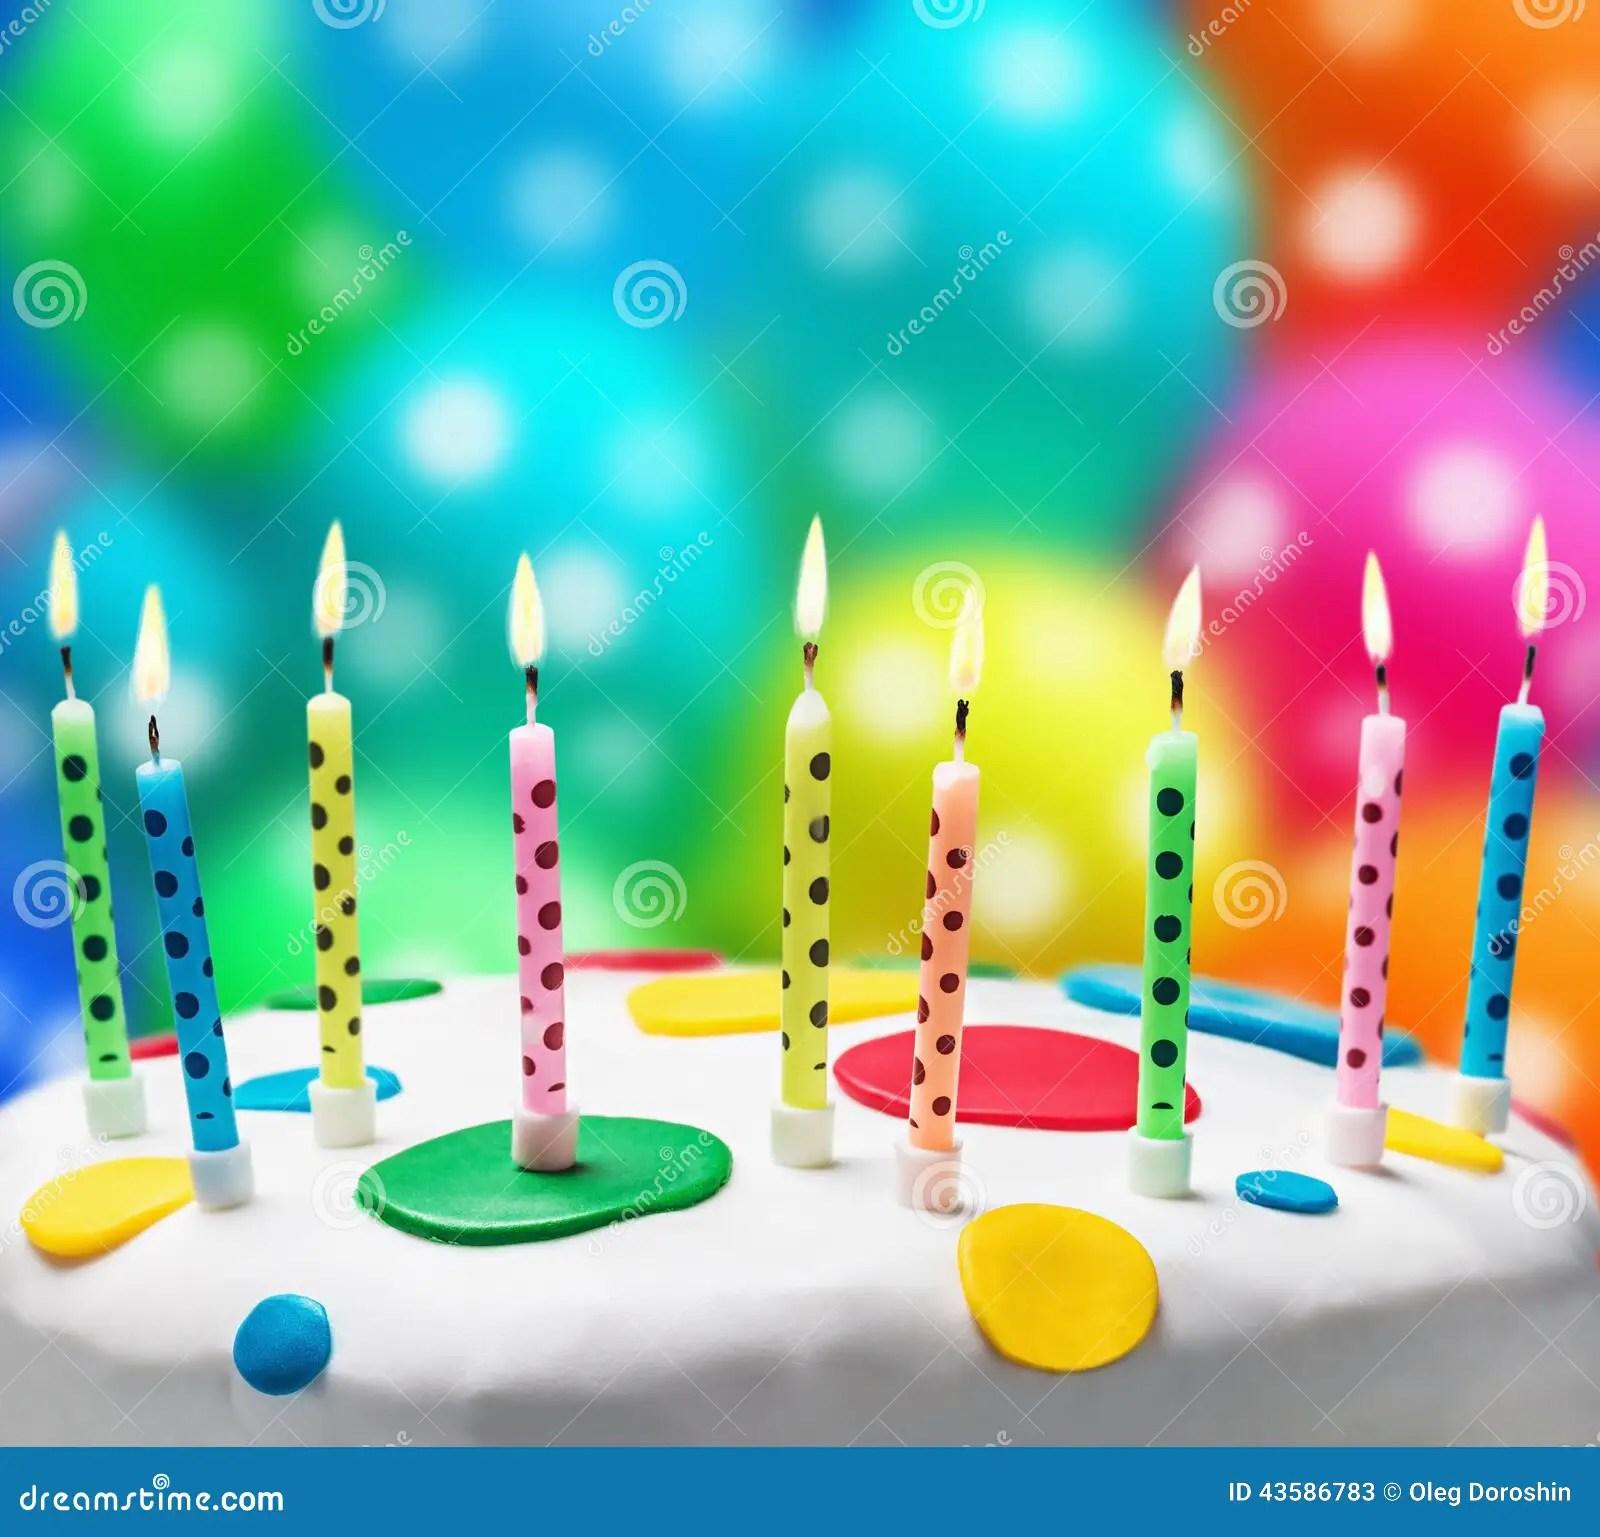 Burning Candles On A Birthday Cake Stock Image Image